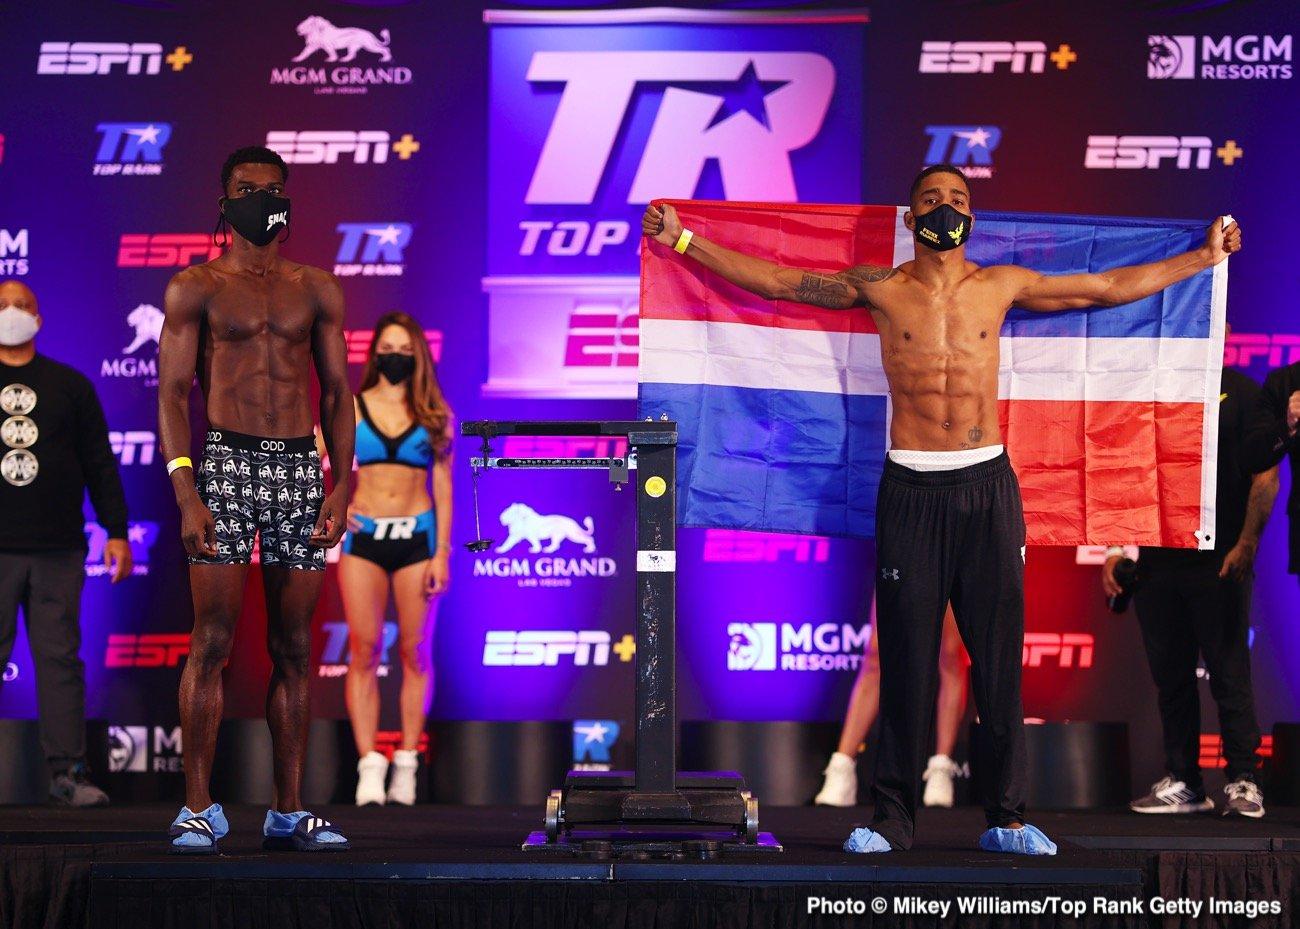 boxing Commey Marinez pose.